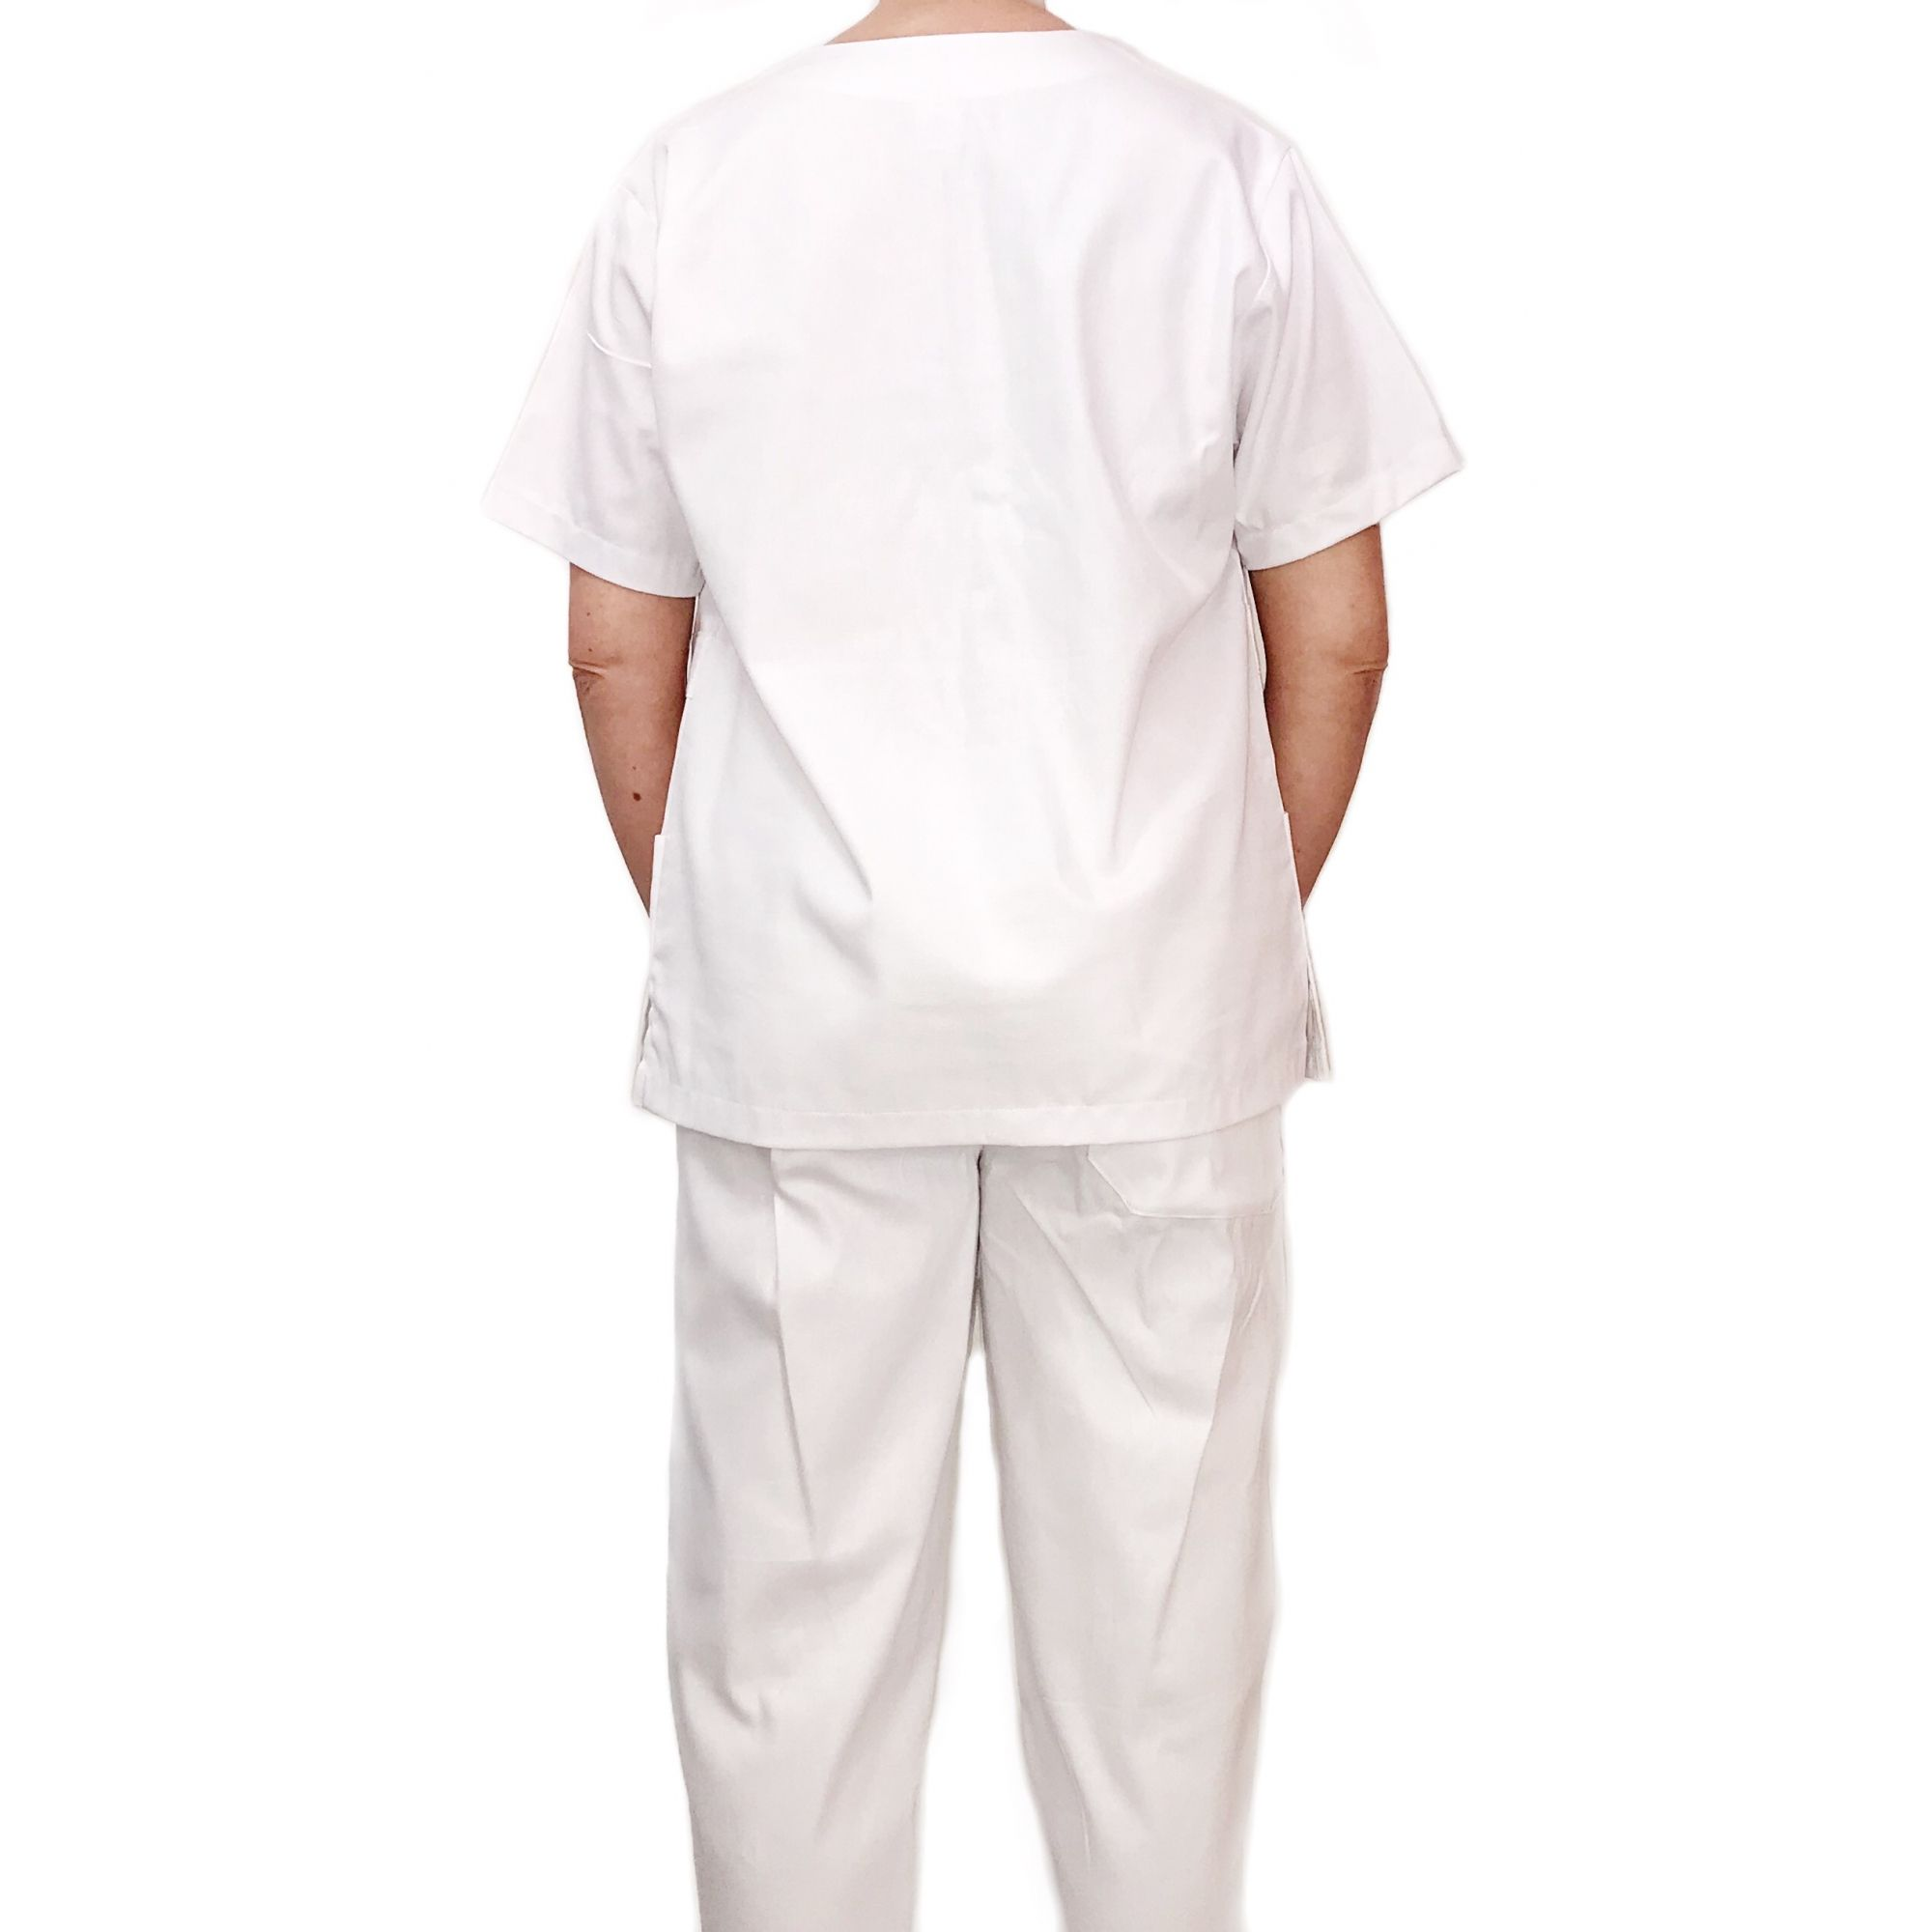 Conjunto Pijama Cirurgico SCRUB MASCULINO BRANCO Camisa e Calça com Cordão Tecido 100% algodão